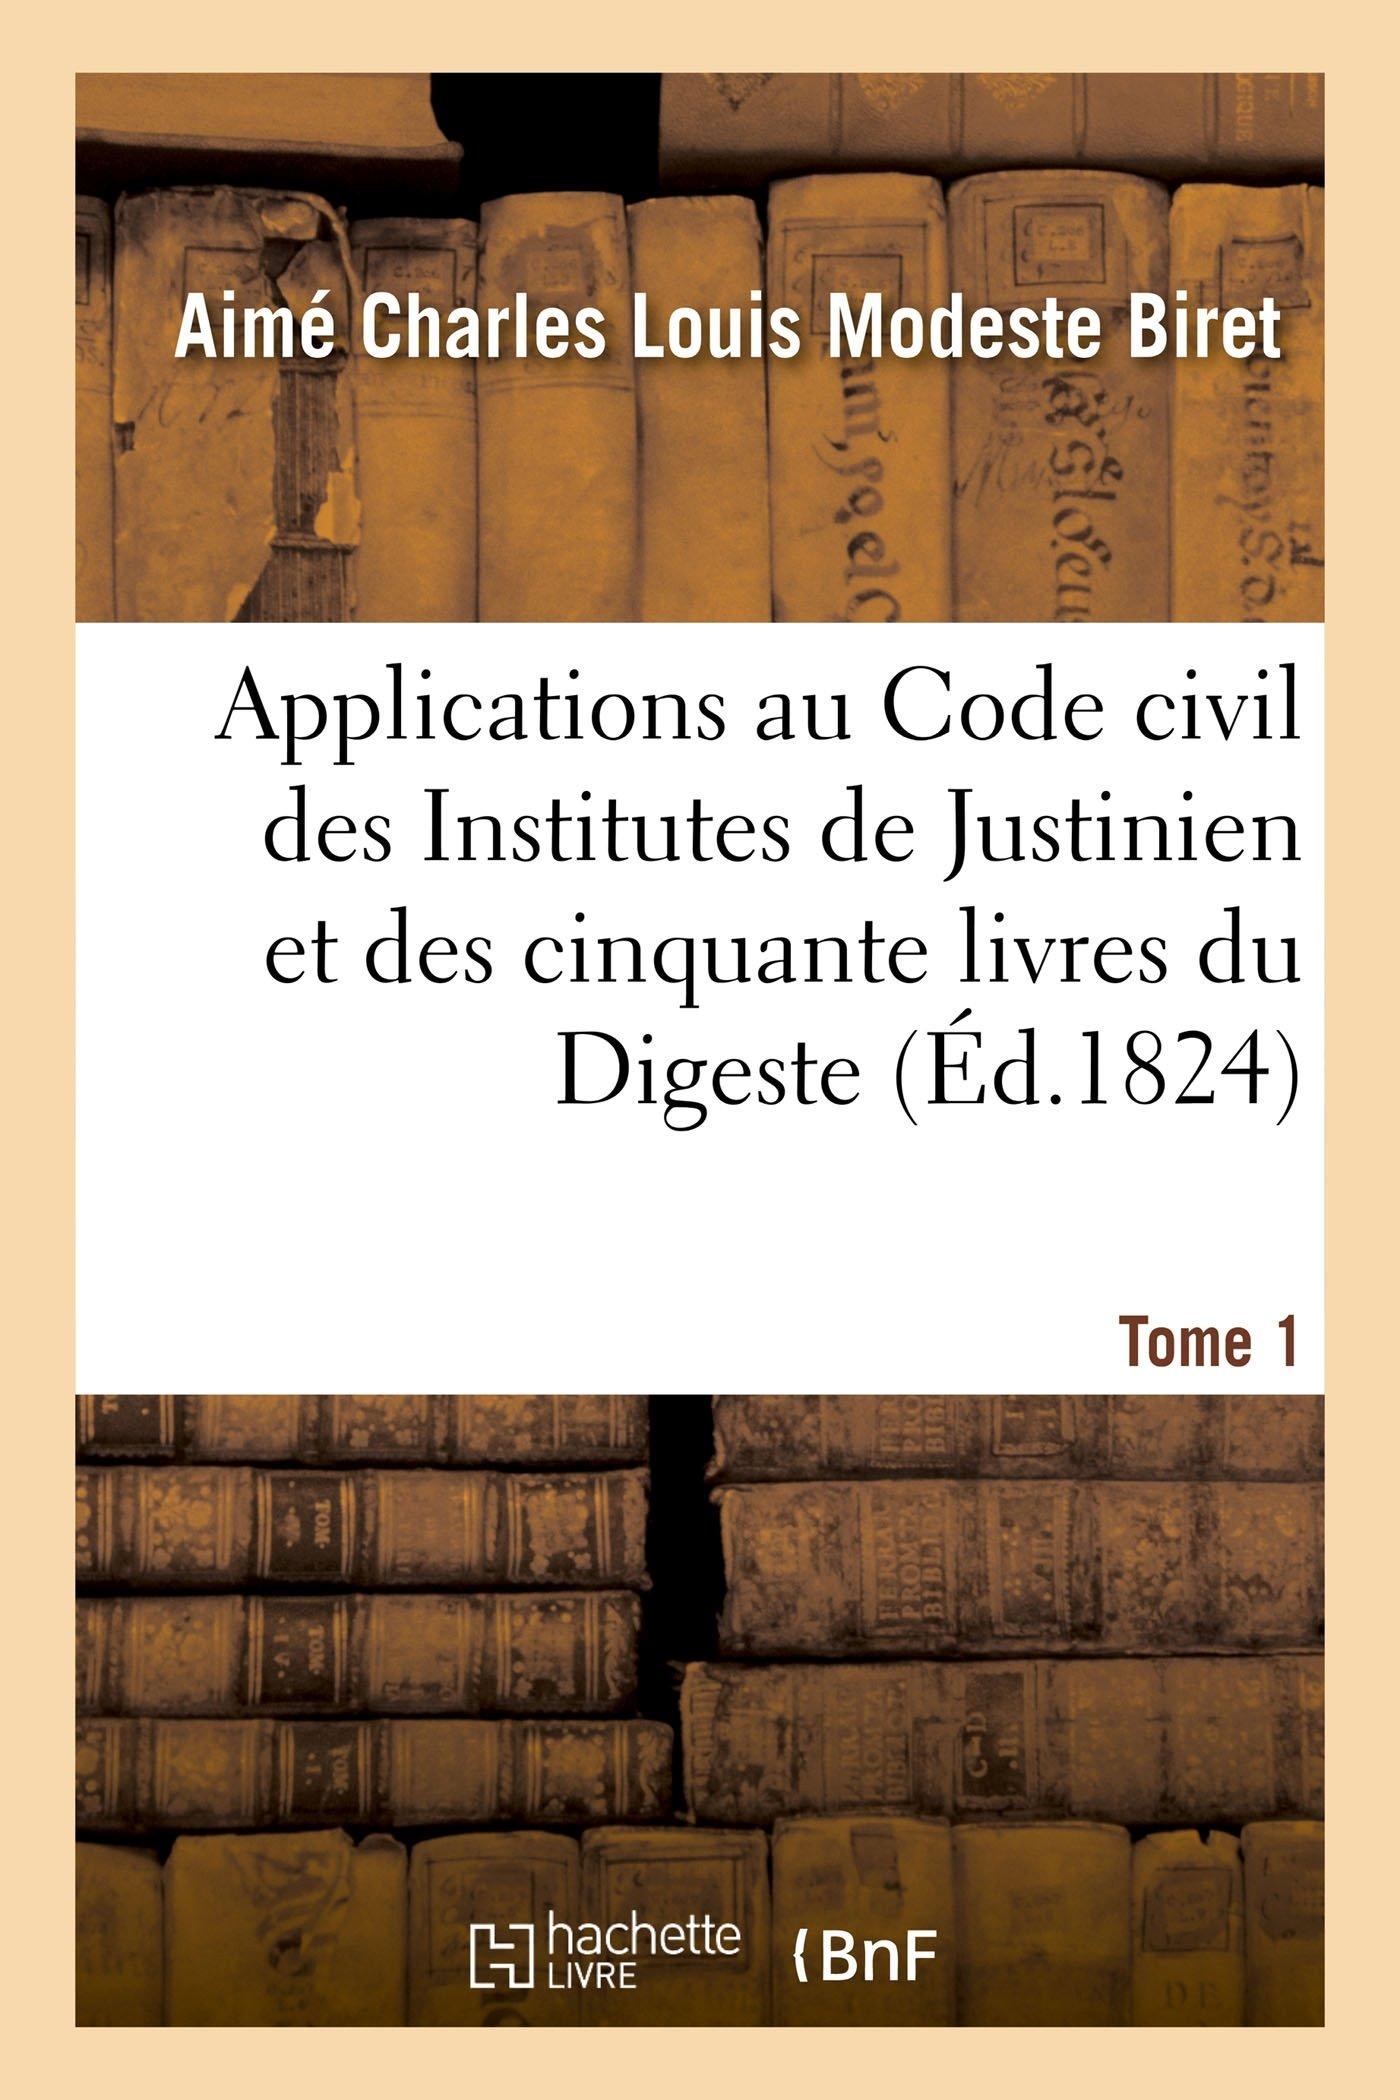 Applications au Code civil des Institutes de Justinien et des cinquante livres du Digeste. Tome 1 Broché – 1 mai 2016 Hachette Livre BNF 201361859X Droit général LAW / General